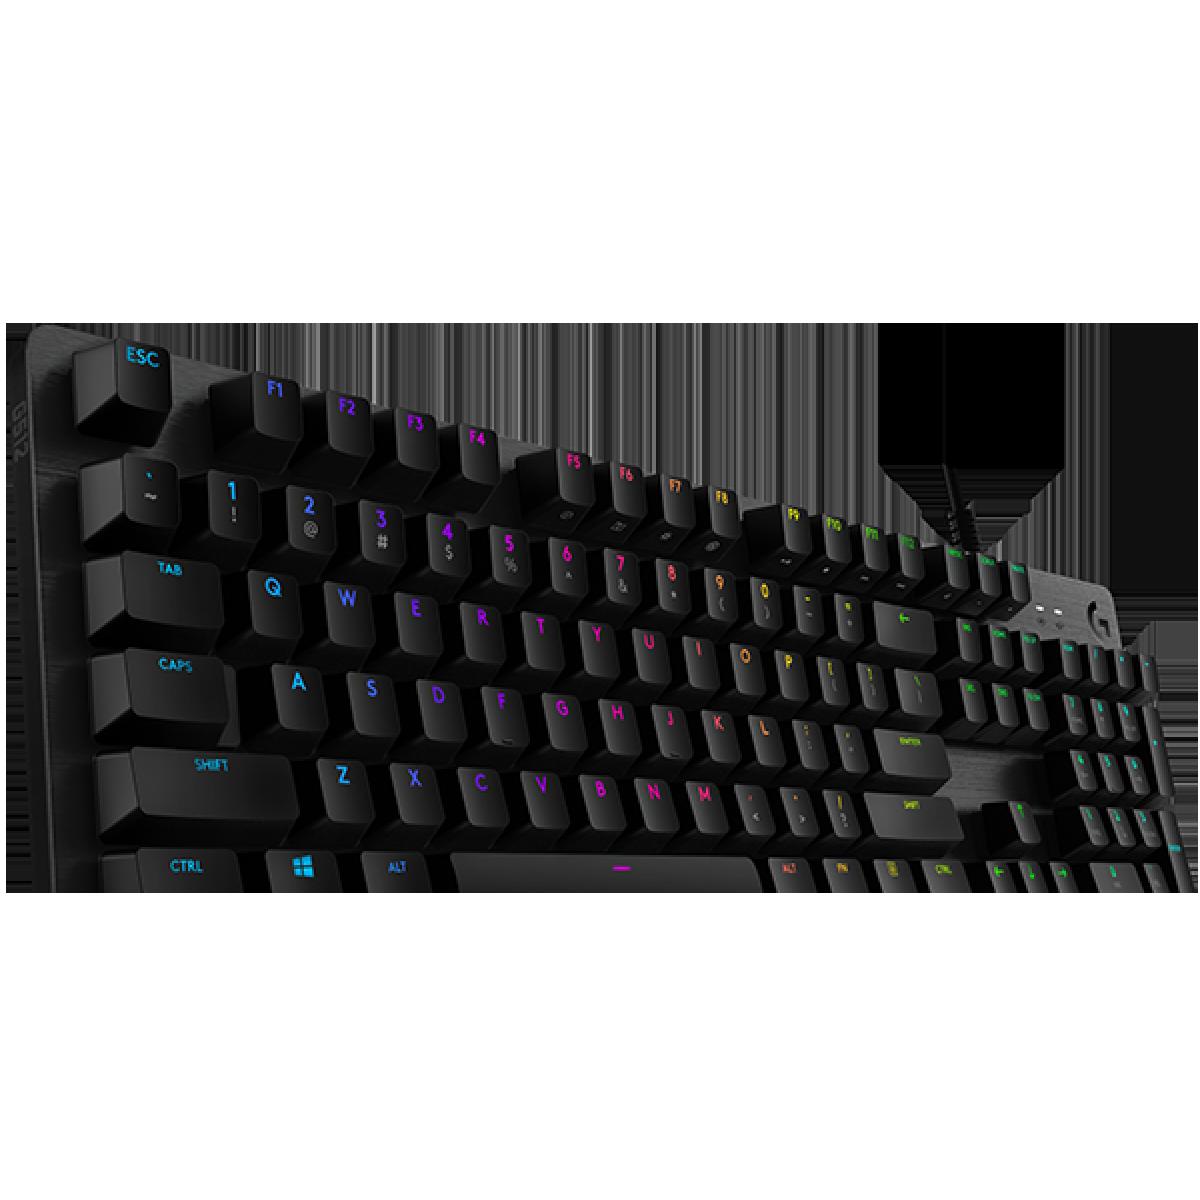 Teclado Gamer Mecânico Logitech G512 SE, Switch Mecânicos Clicky, RGB, 920-009300-W